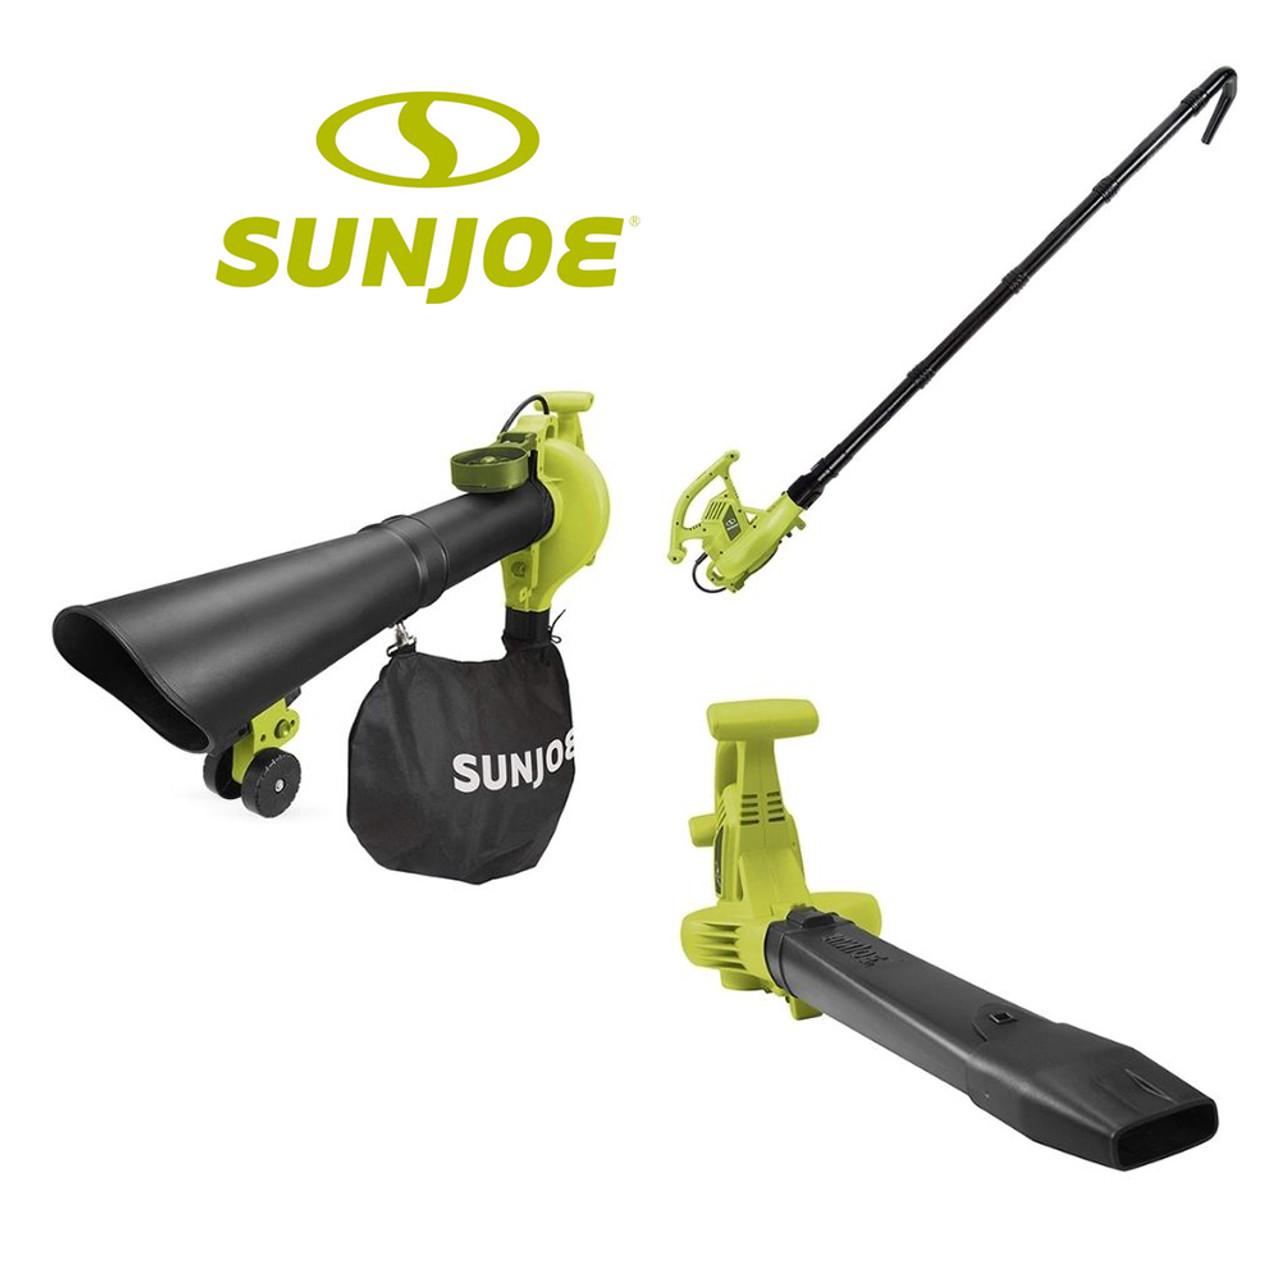 Sun Joe 4-in-1 Electric Blower, Leaf Vacuum, Mulcher & Gutter Cleaner $59.99 54% OFF